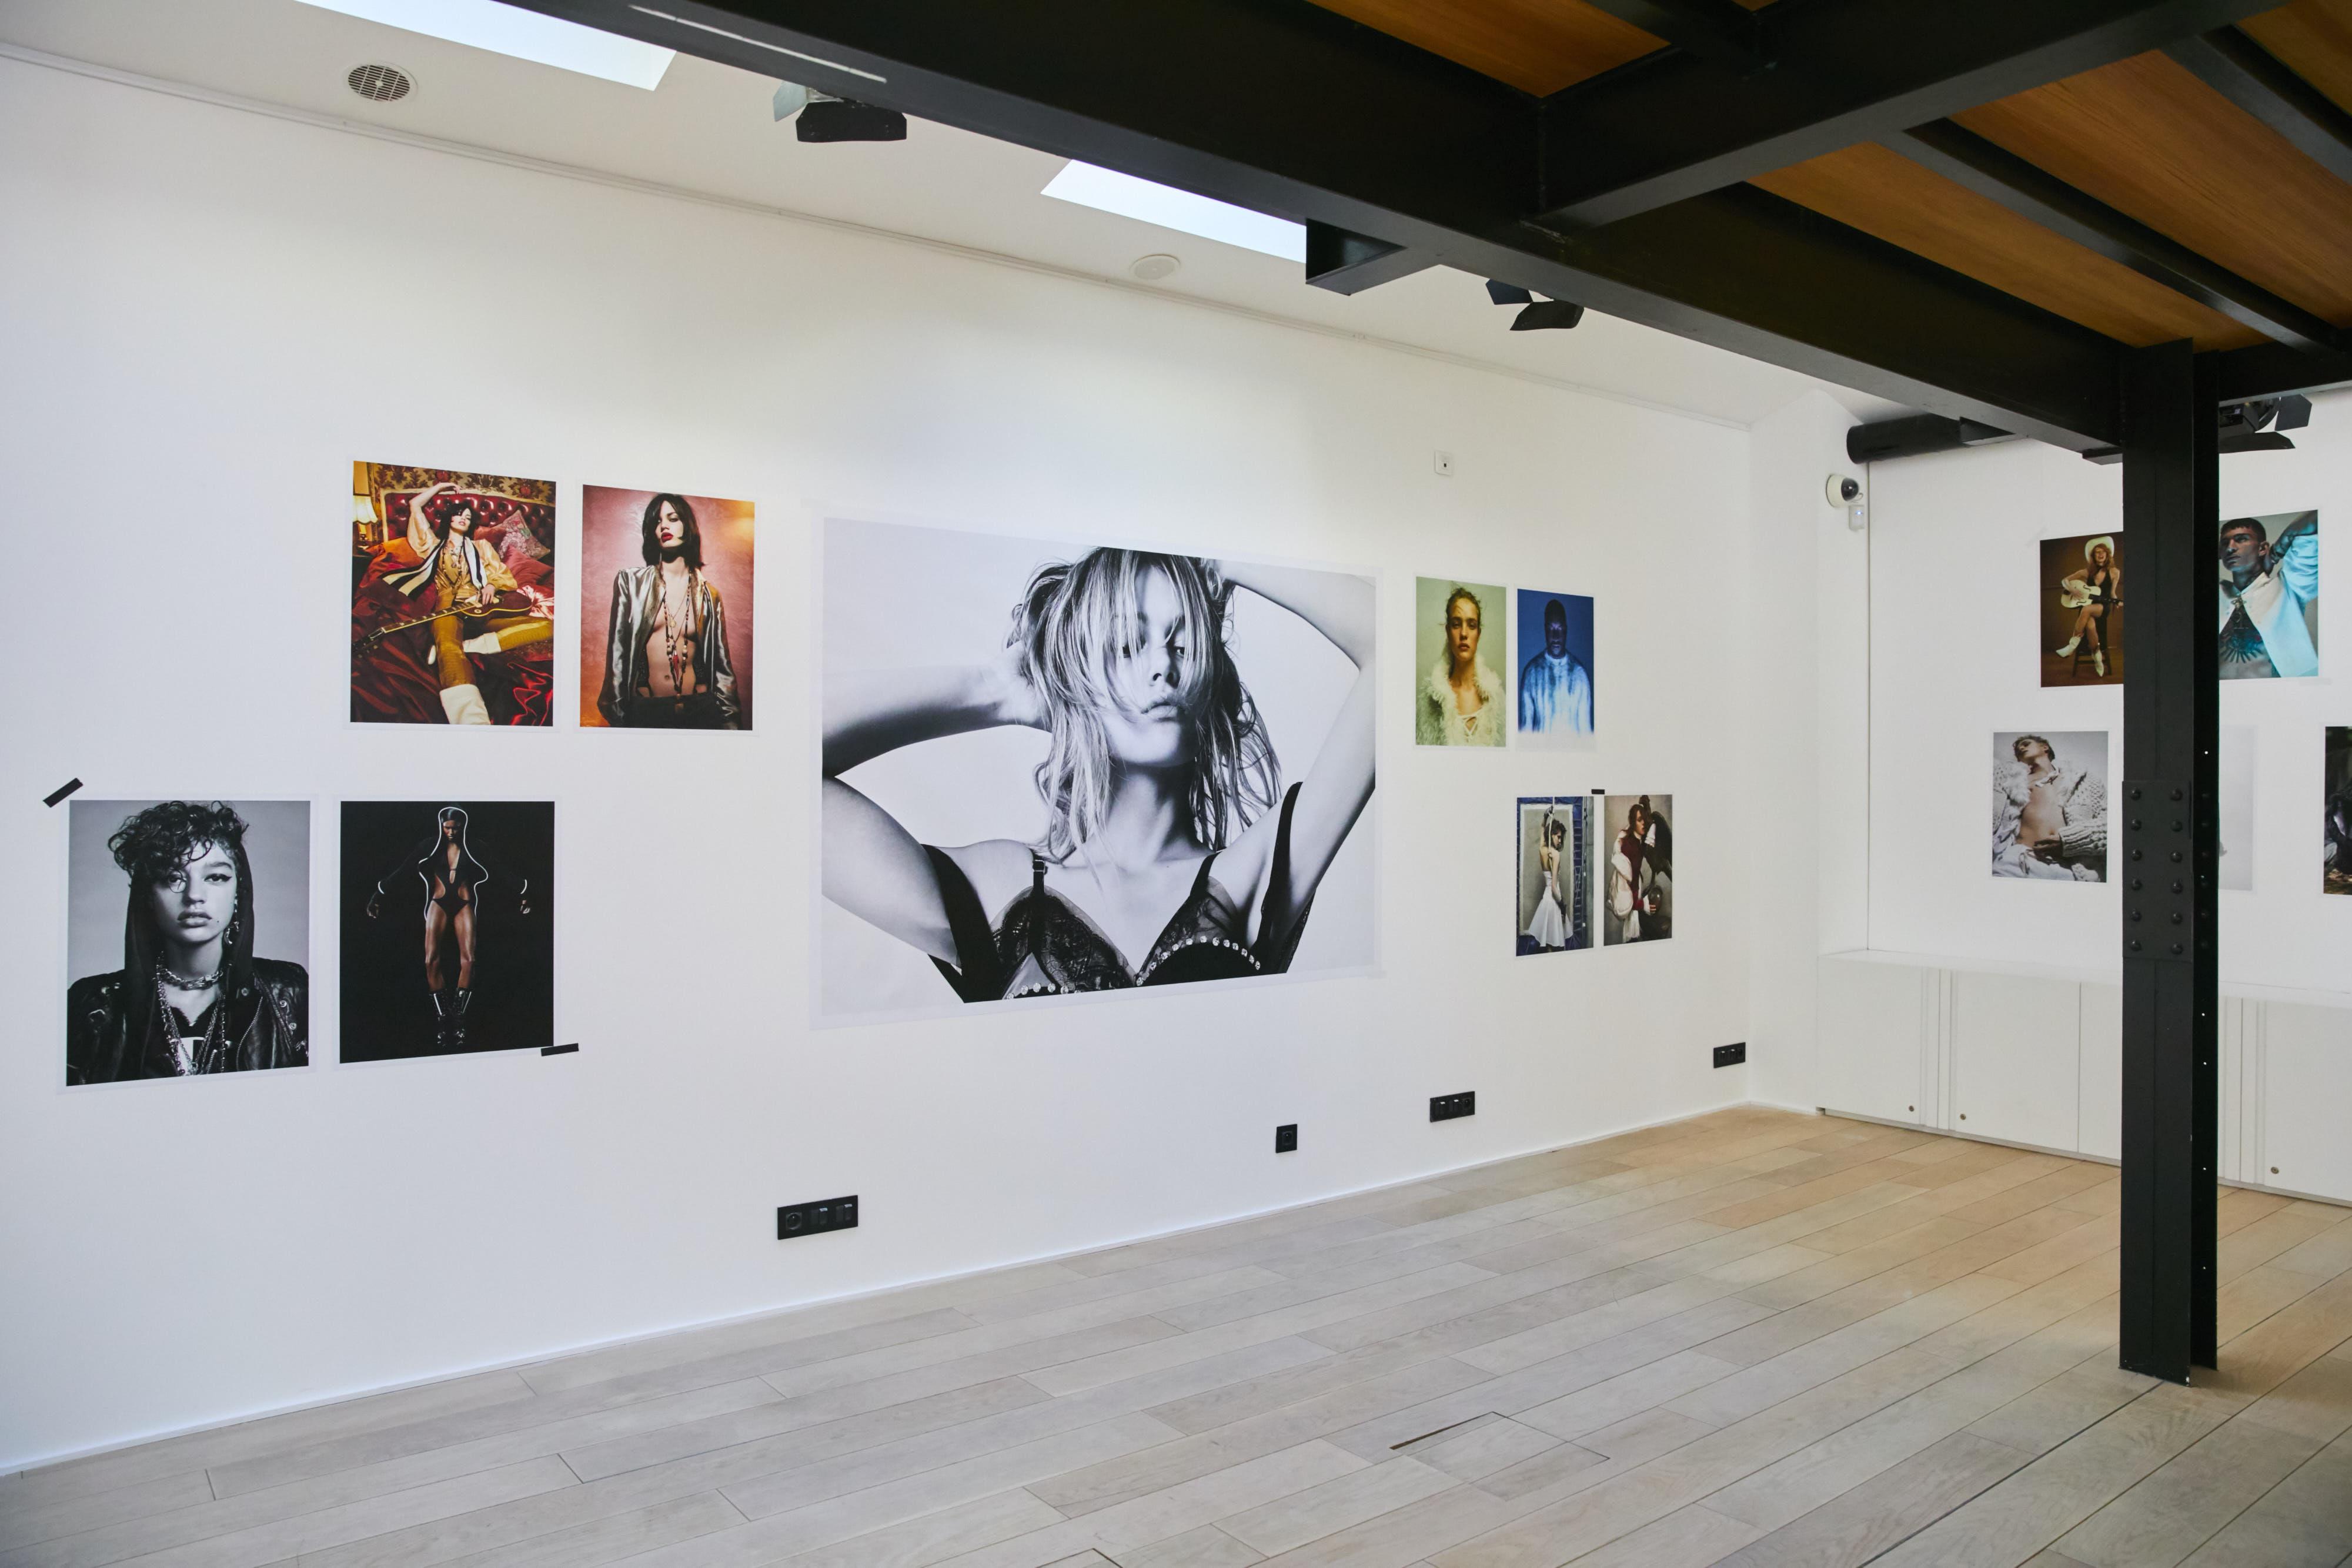 Vue de l'exposition Jean-Baptiste Mondino au Studio des Acacias. Photo : Valentin Le Cron